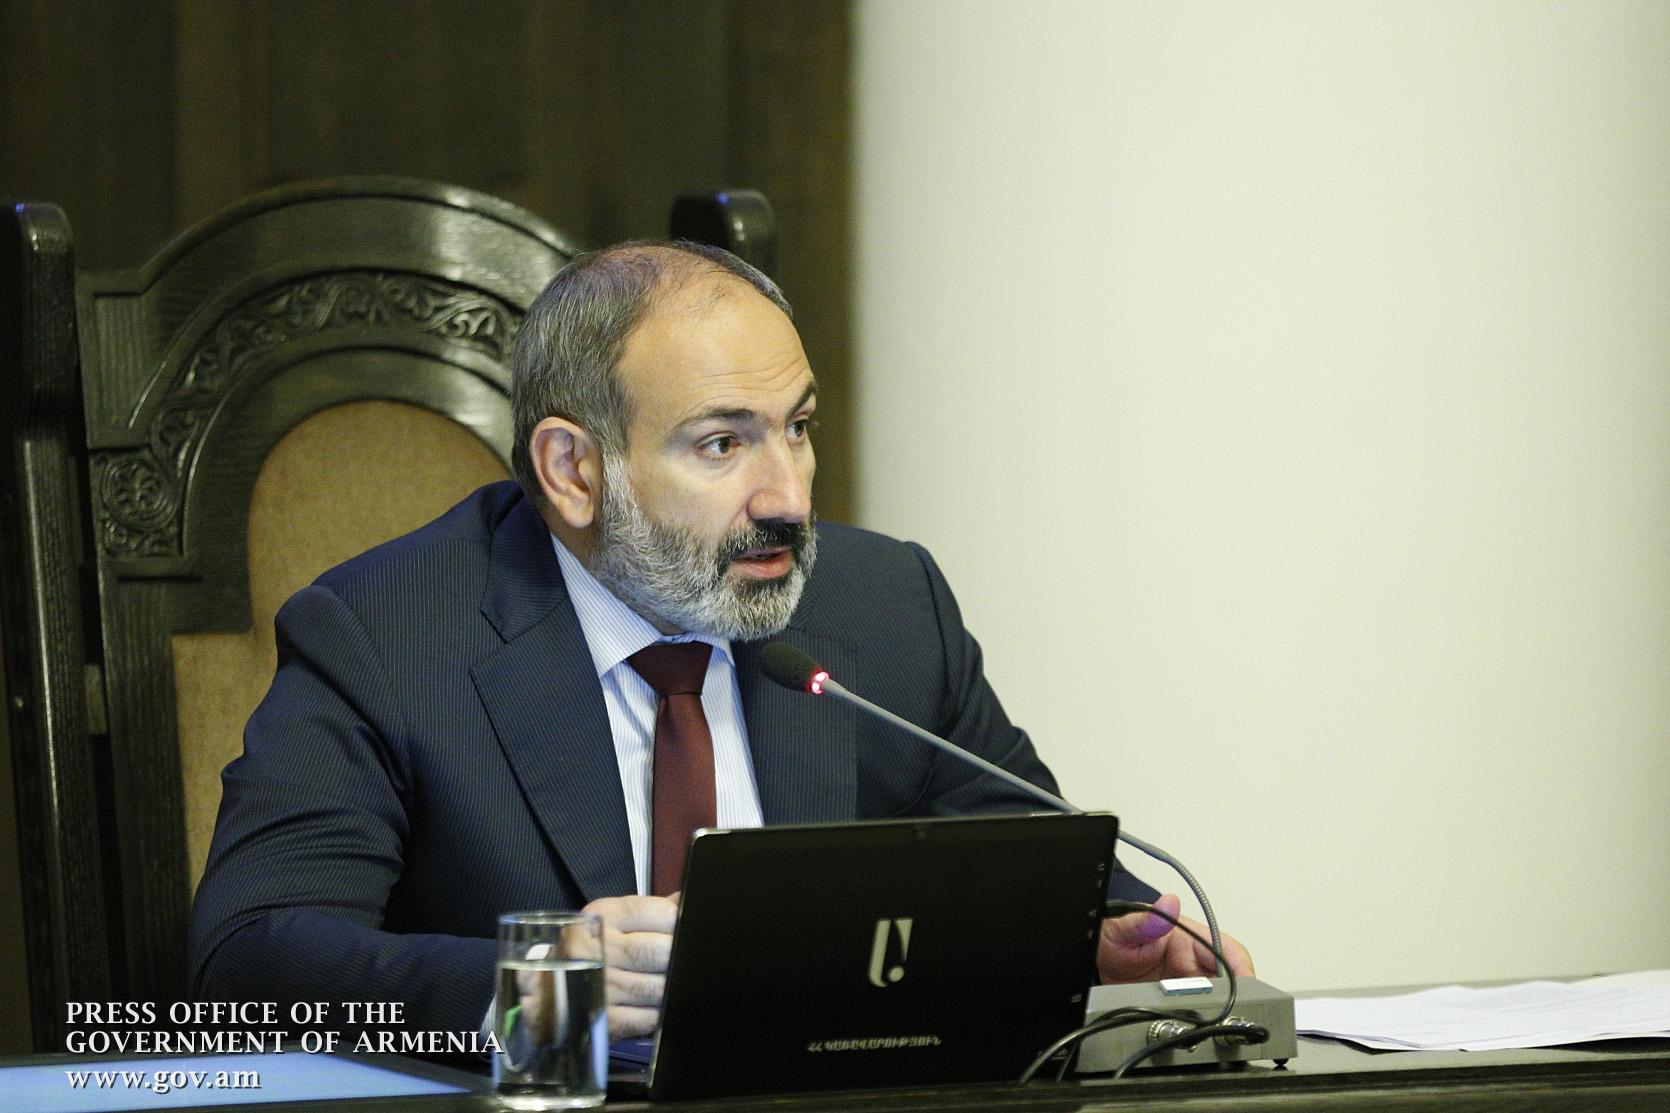 Հունվարի 1-ից Հայաստանում կենսաթոշակները 10 տոկոսով կբարձրանան. Նիկոլ Փաշինյան